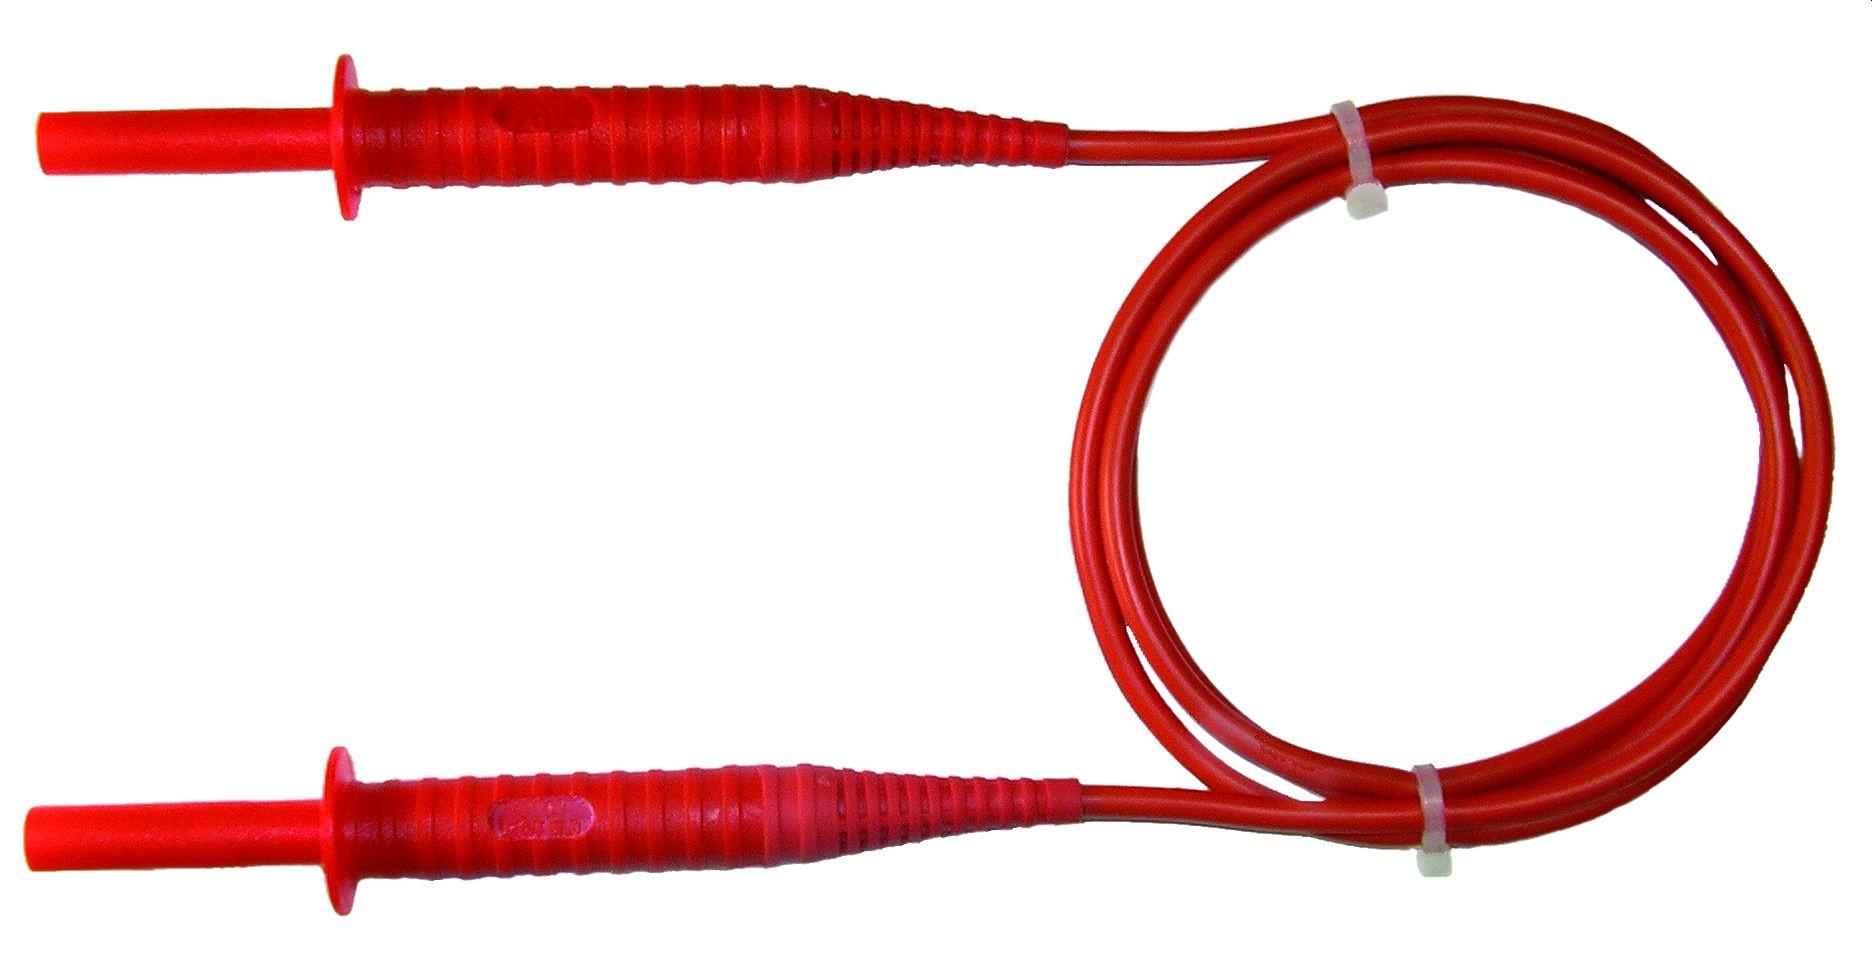 Przewód 1,8 m czerwony 5 kV (wtyki bananowe)